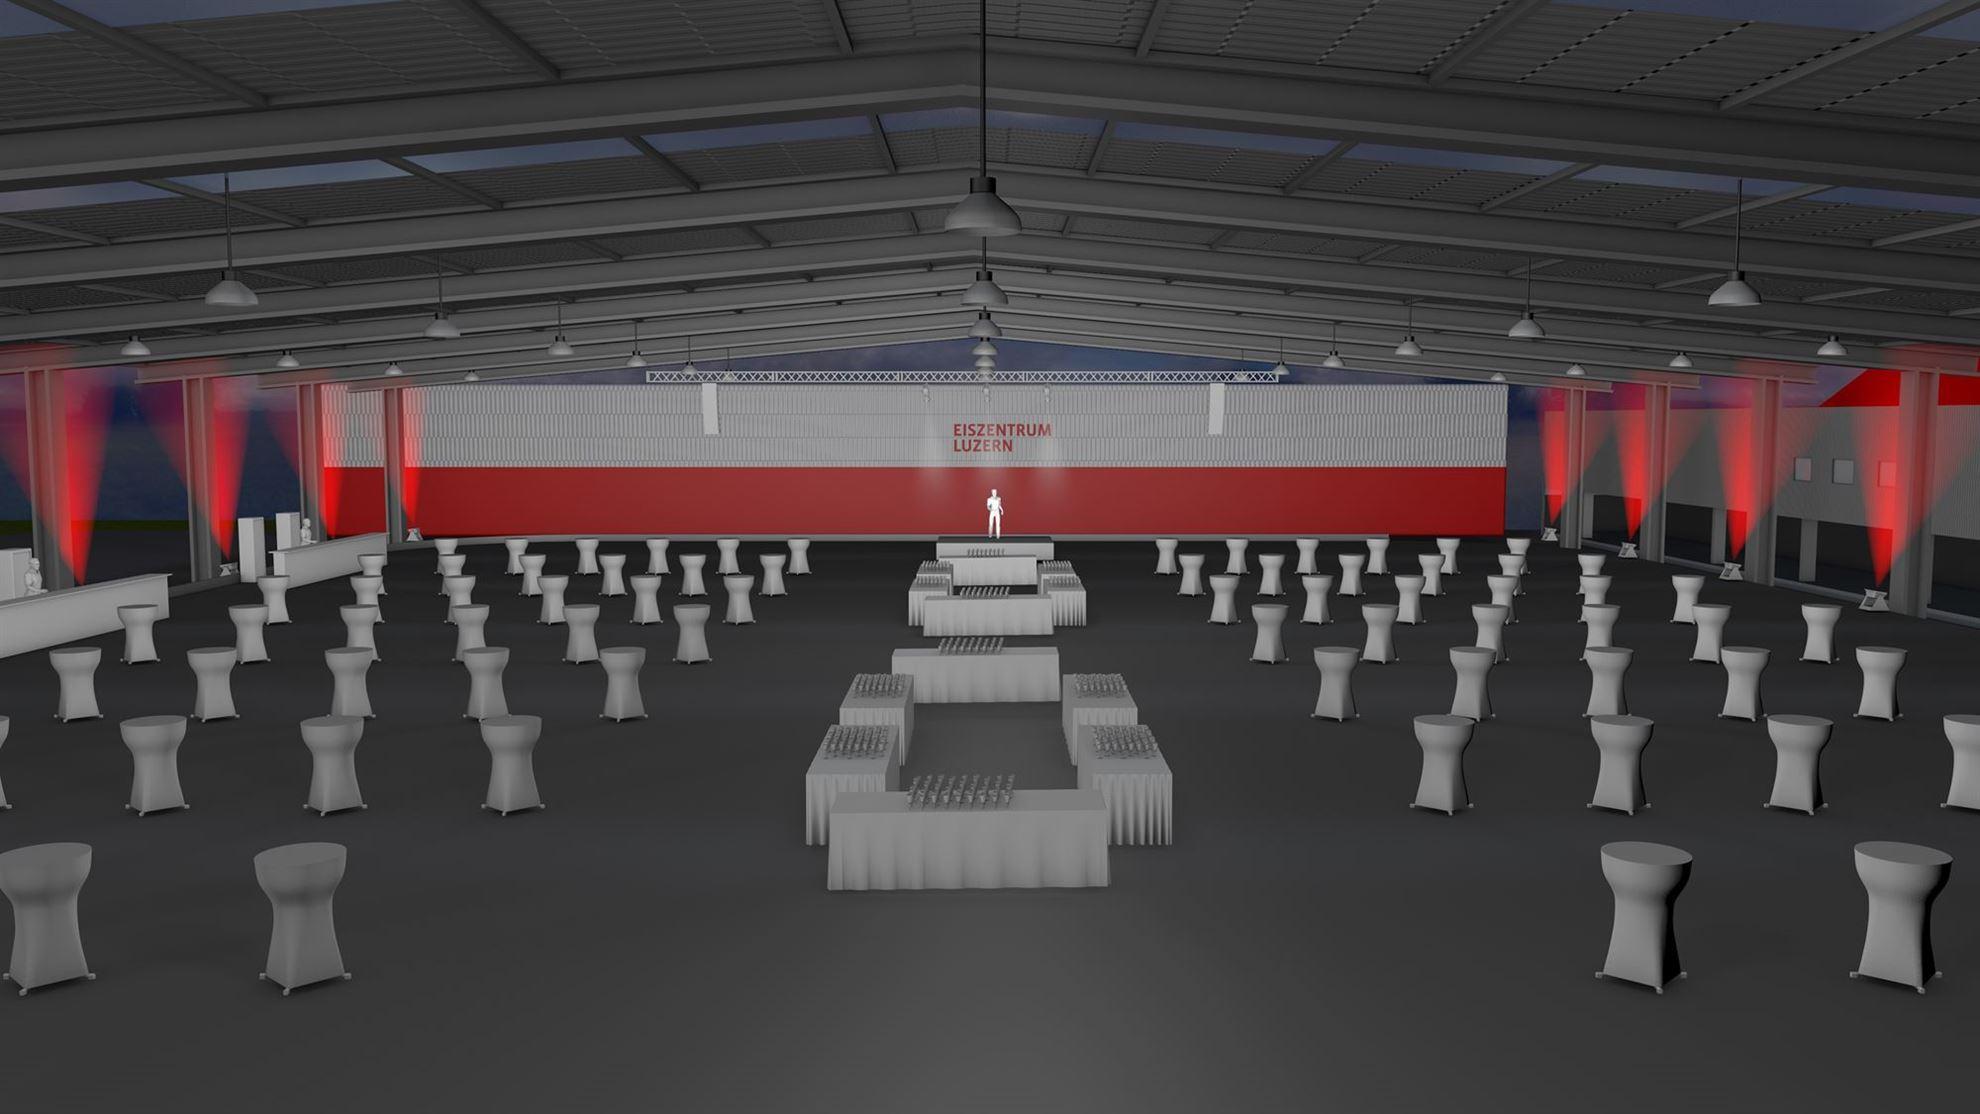 Eventhalle_Visualisierung_05